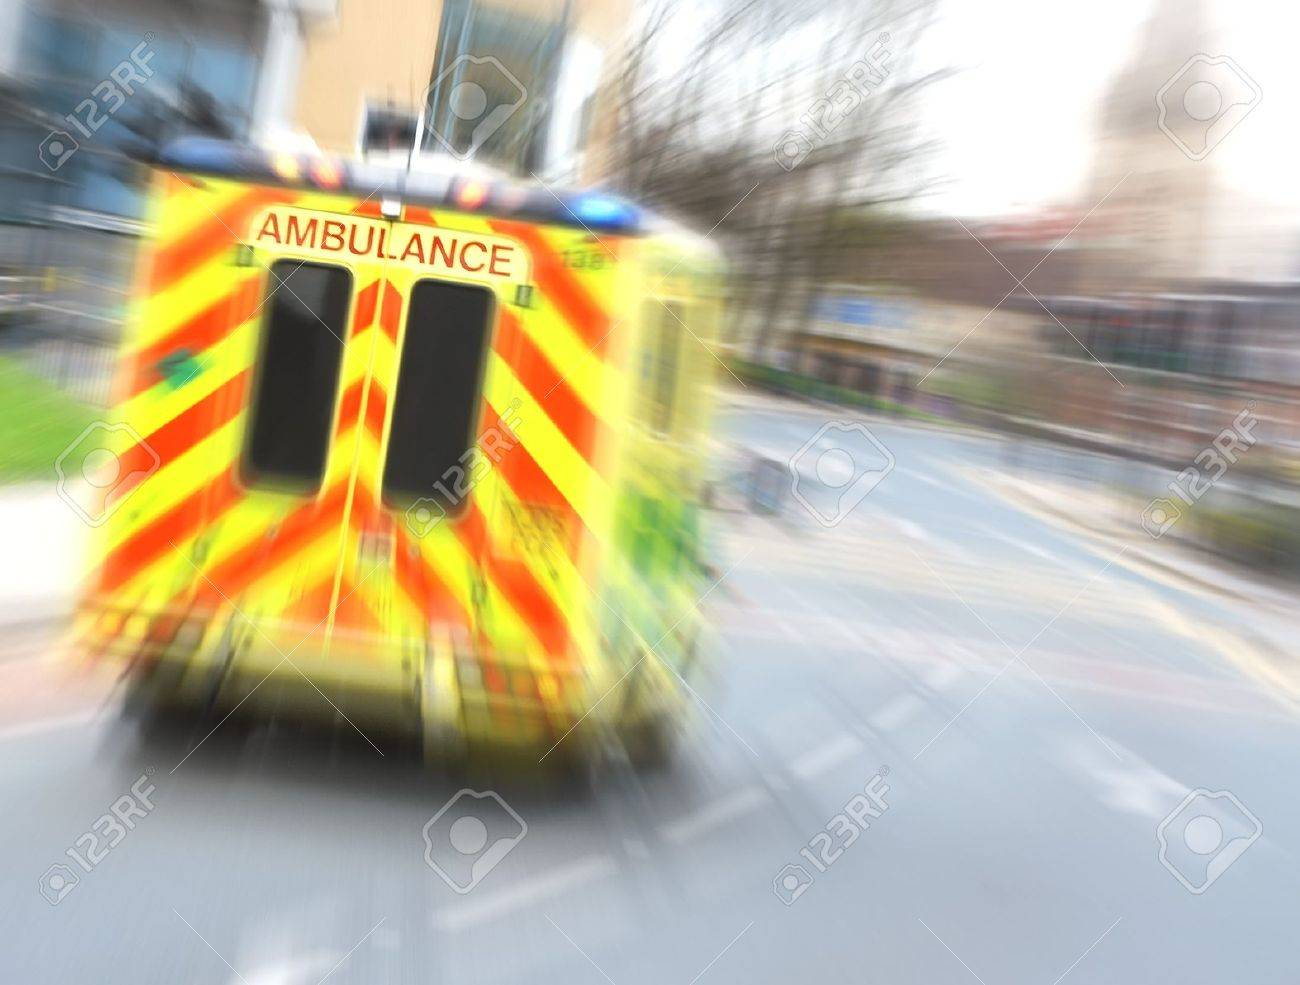 Speeding ambulance flies through city street with zoom blur - 8005235